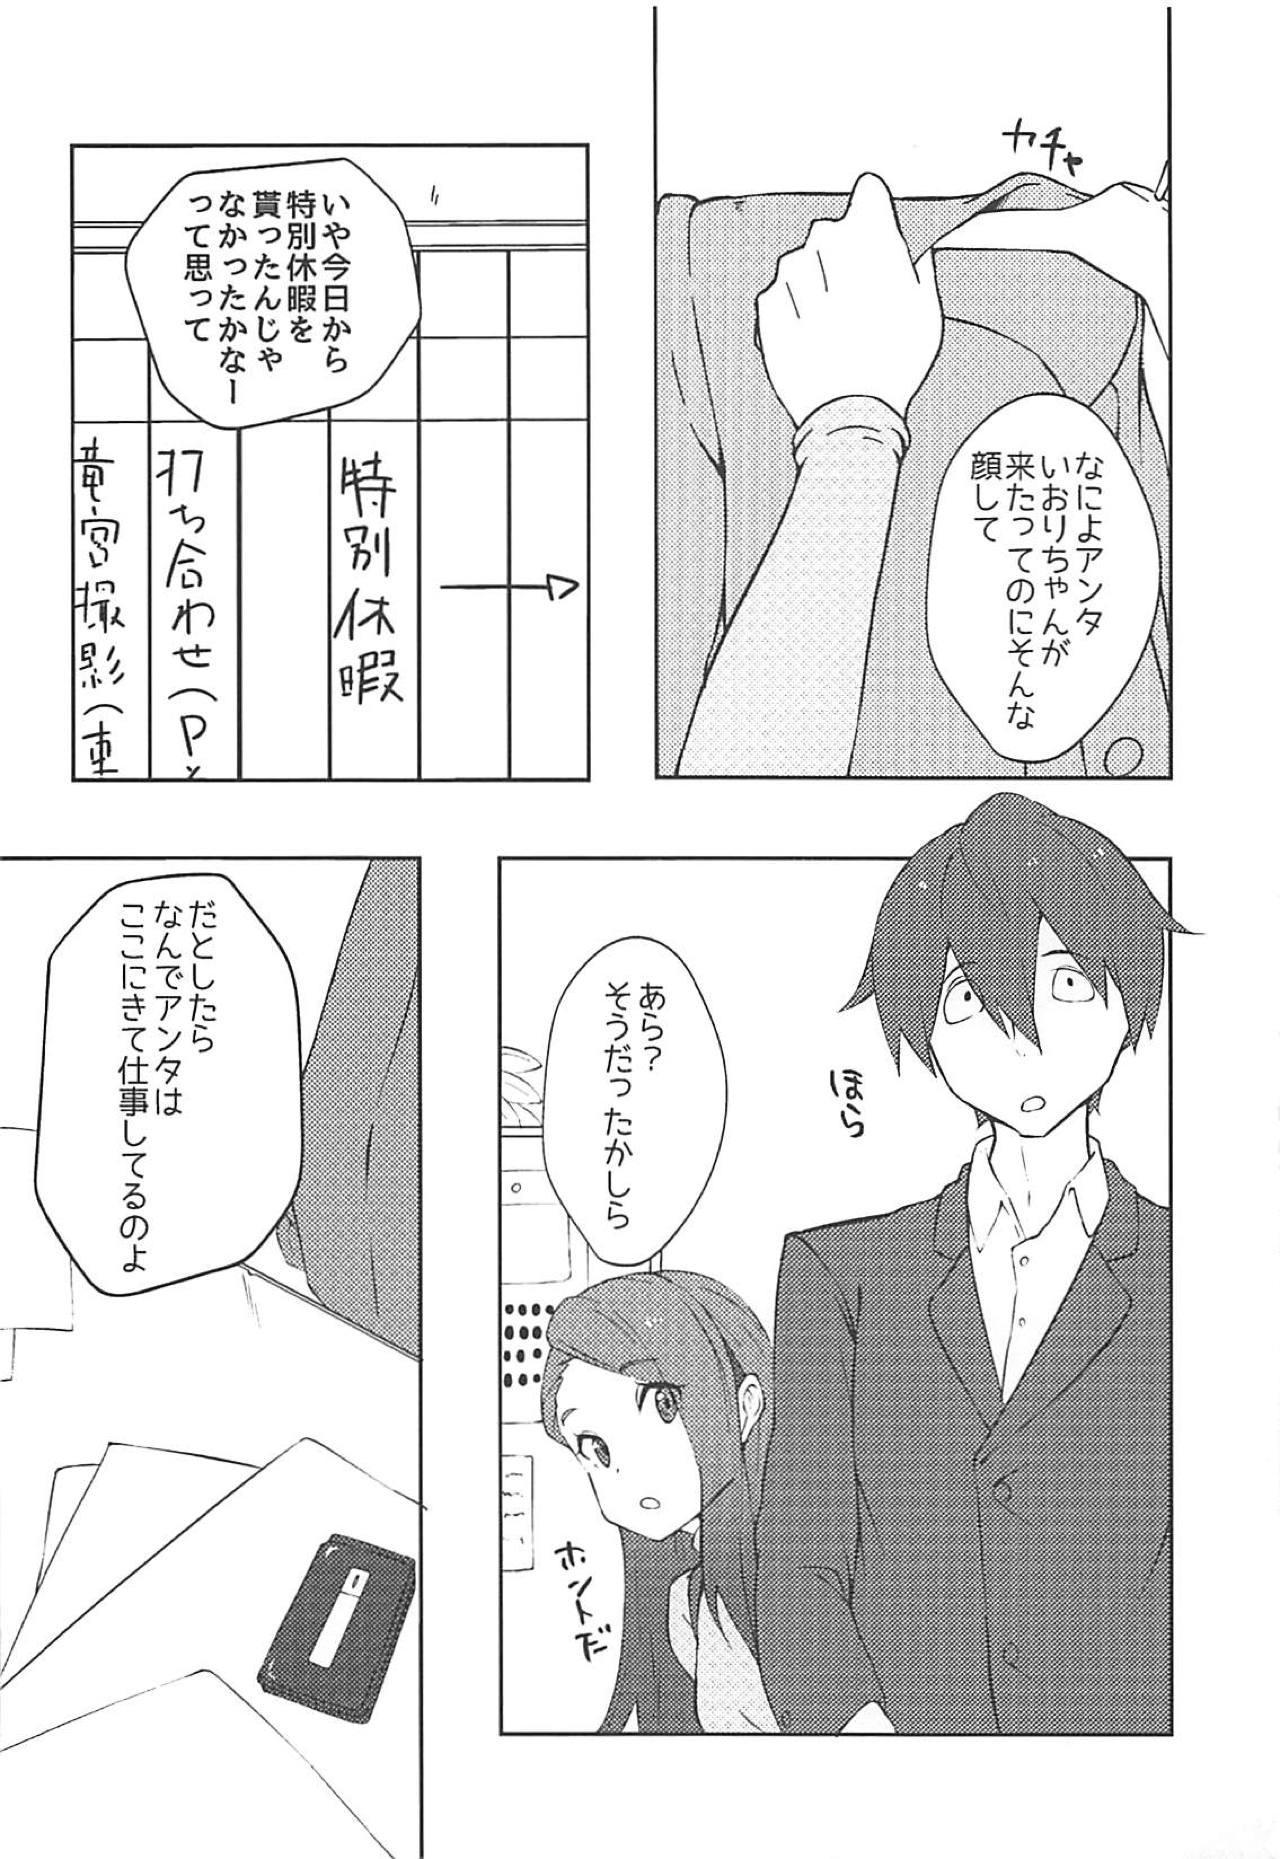 Iori no Keikaku 4